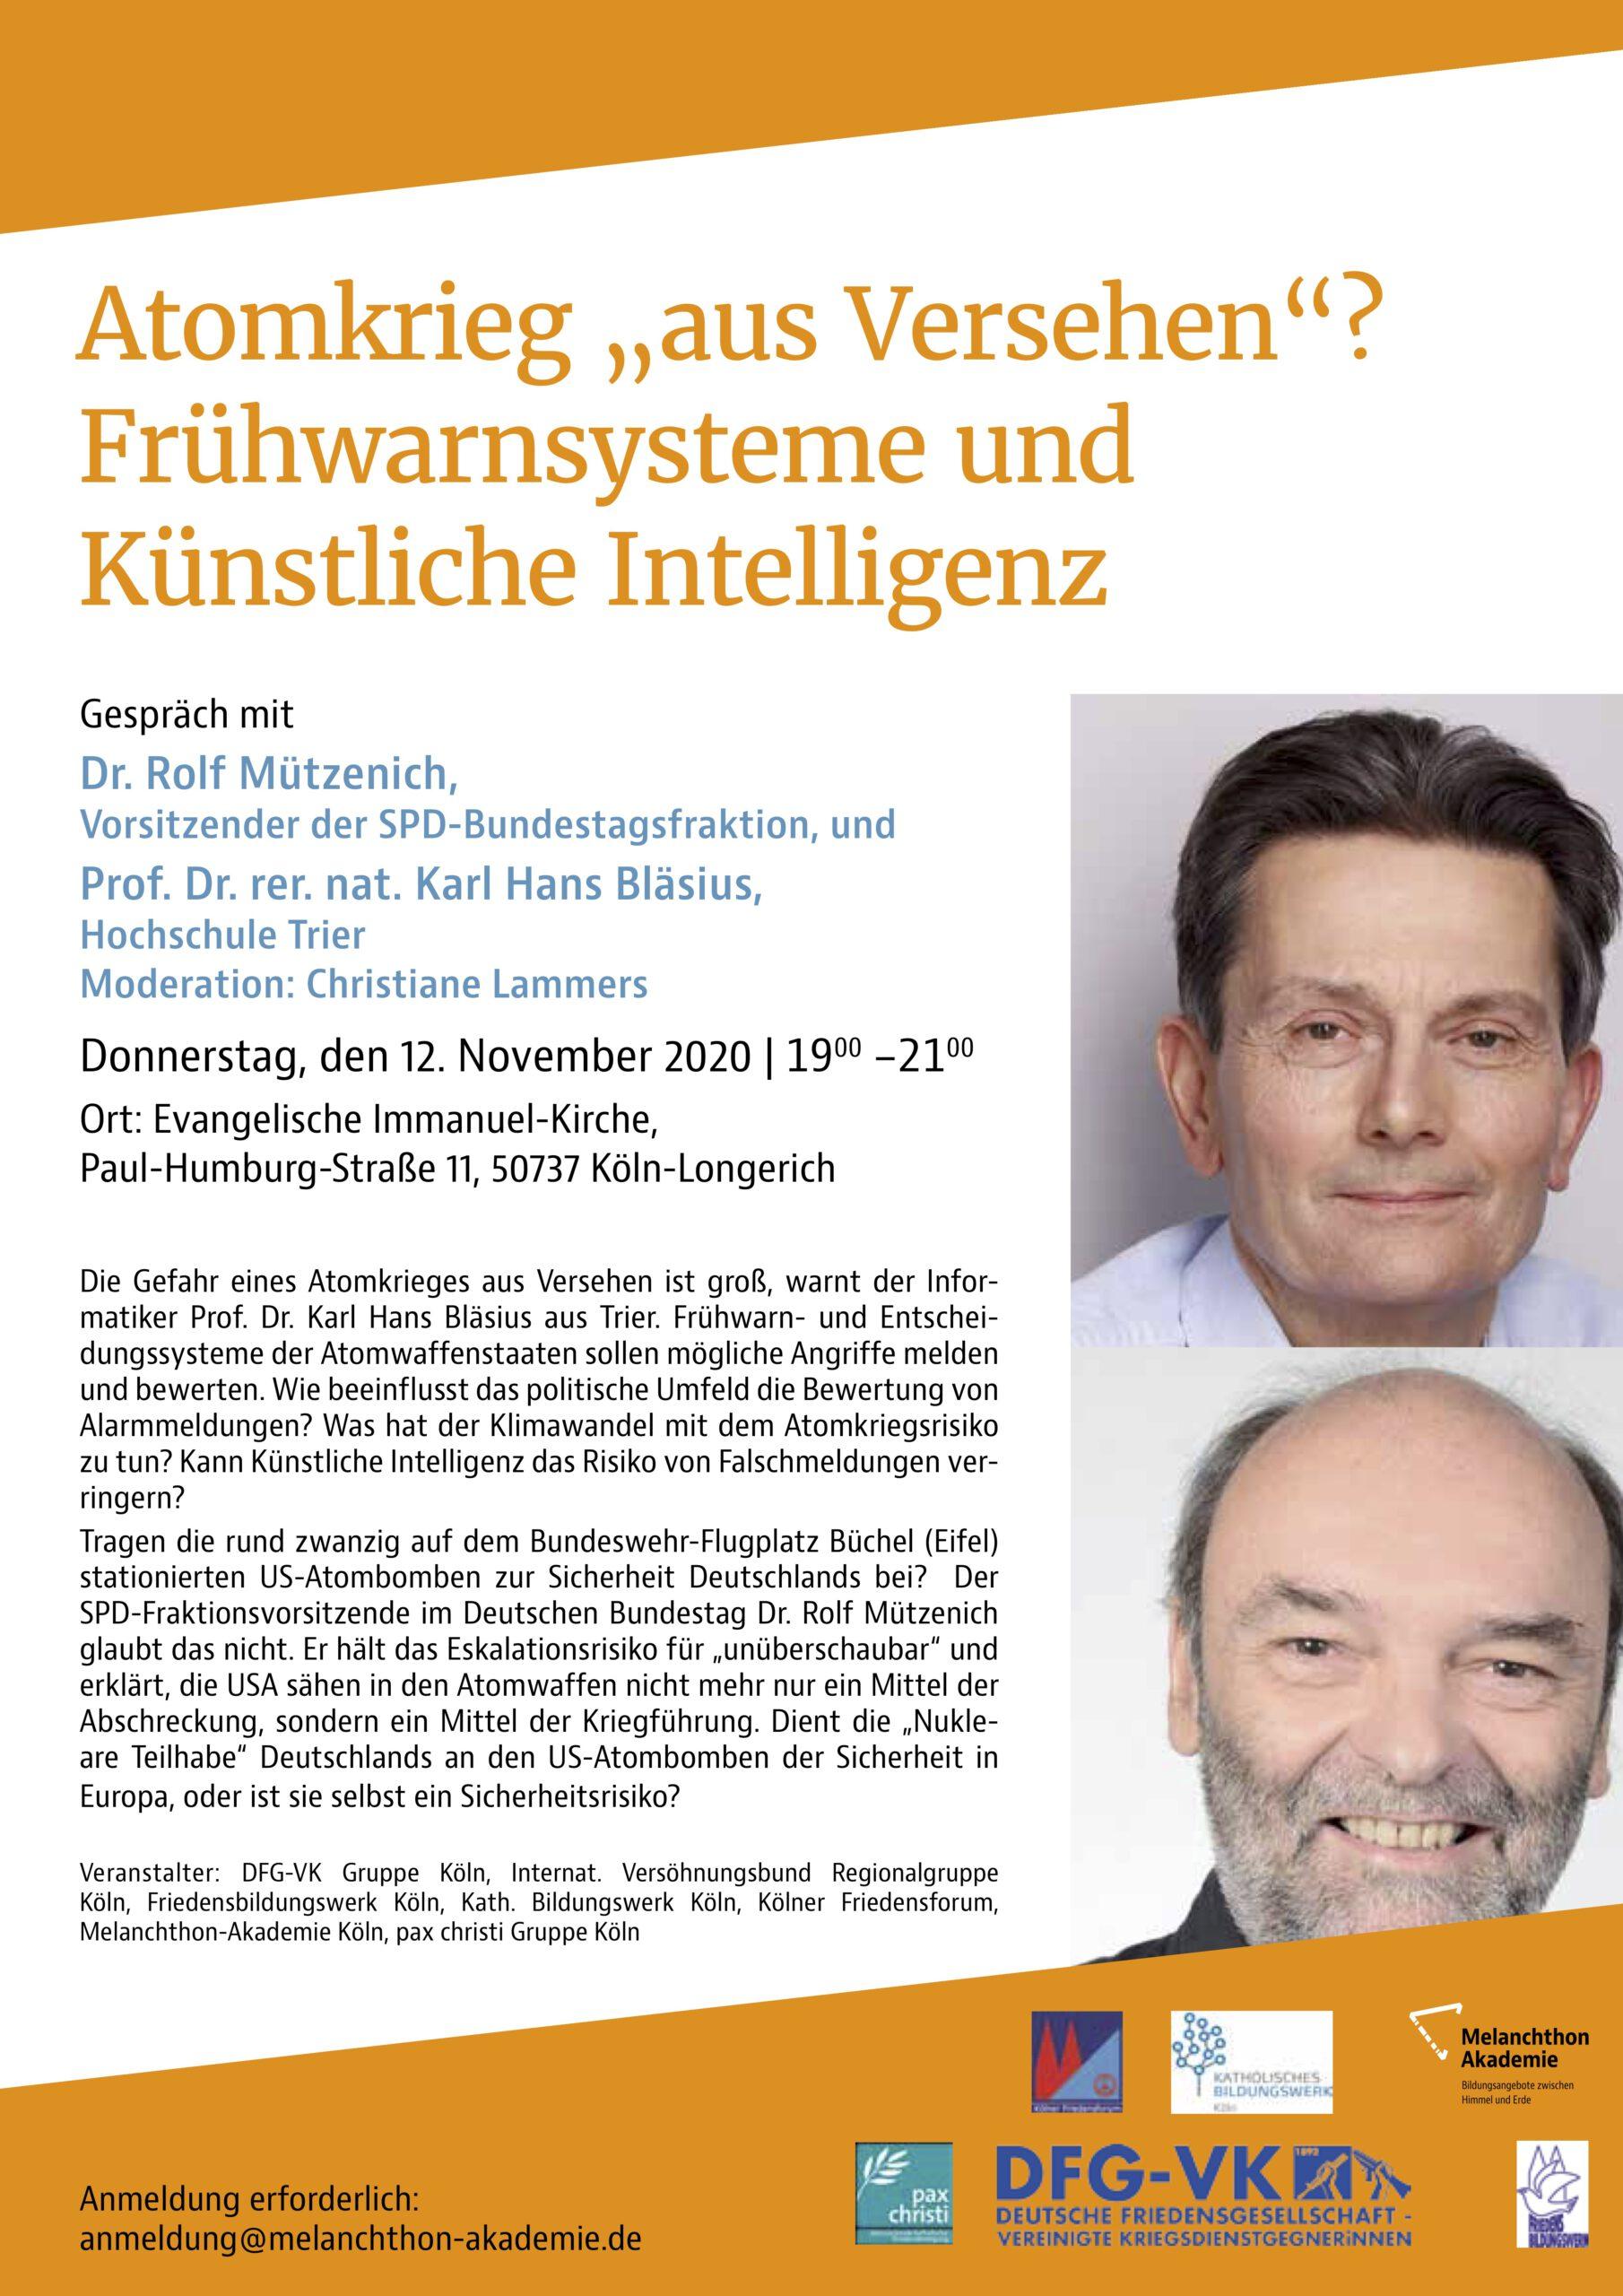 """Plakat zur Veranstaltung """"Atomkrieg aus Versehen? Frühwarnsysteme und Künstliche Intelligenz"""" am 12.11.2020 mit Rolf Mützenich, Karl Hans Bläsius und Christiane Lammers (Moderation)."""